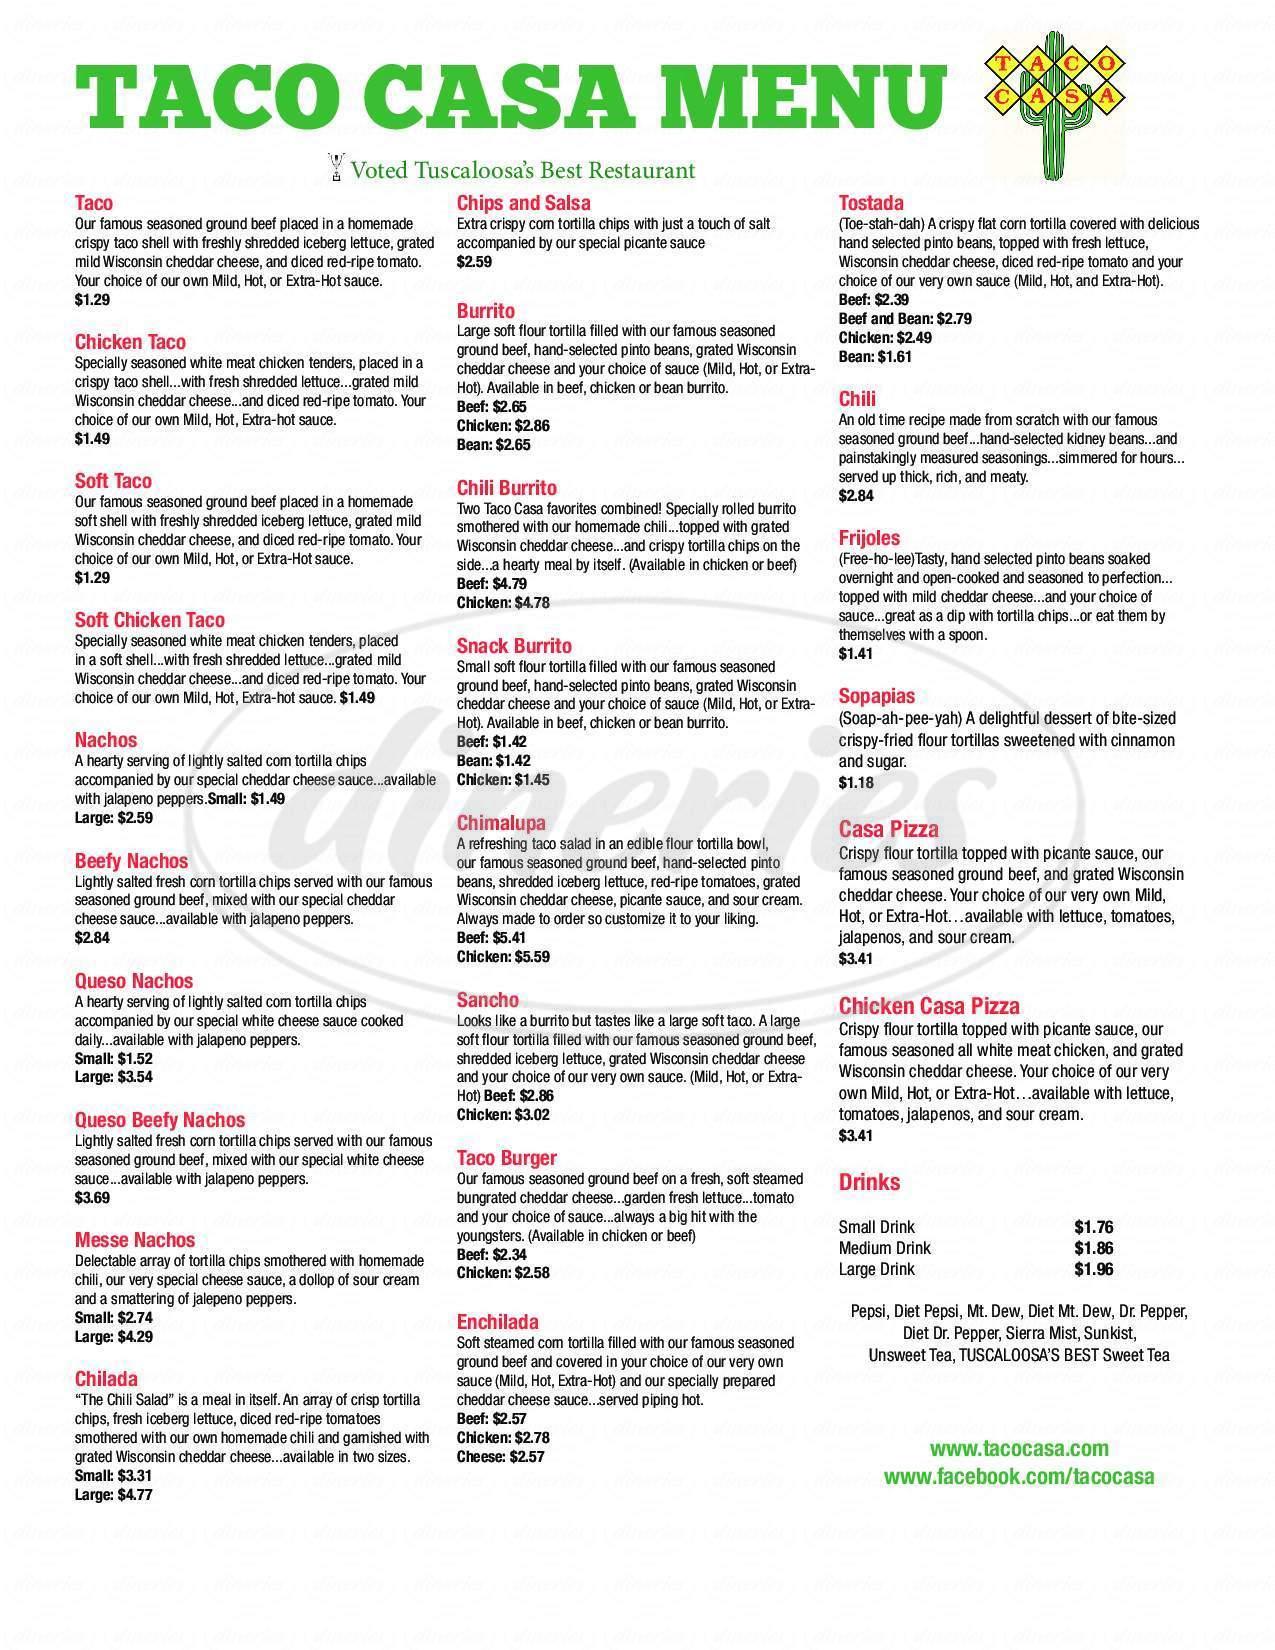 menu for Taco Casa